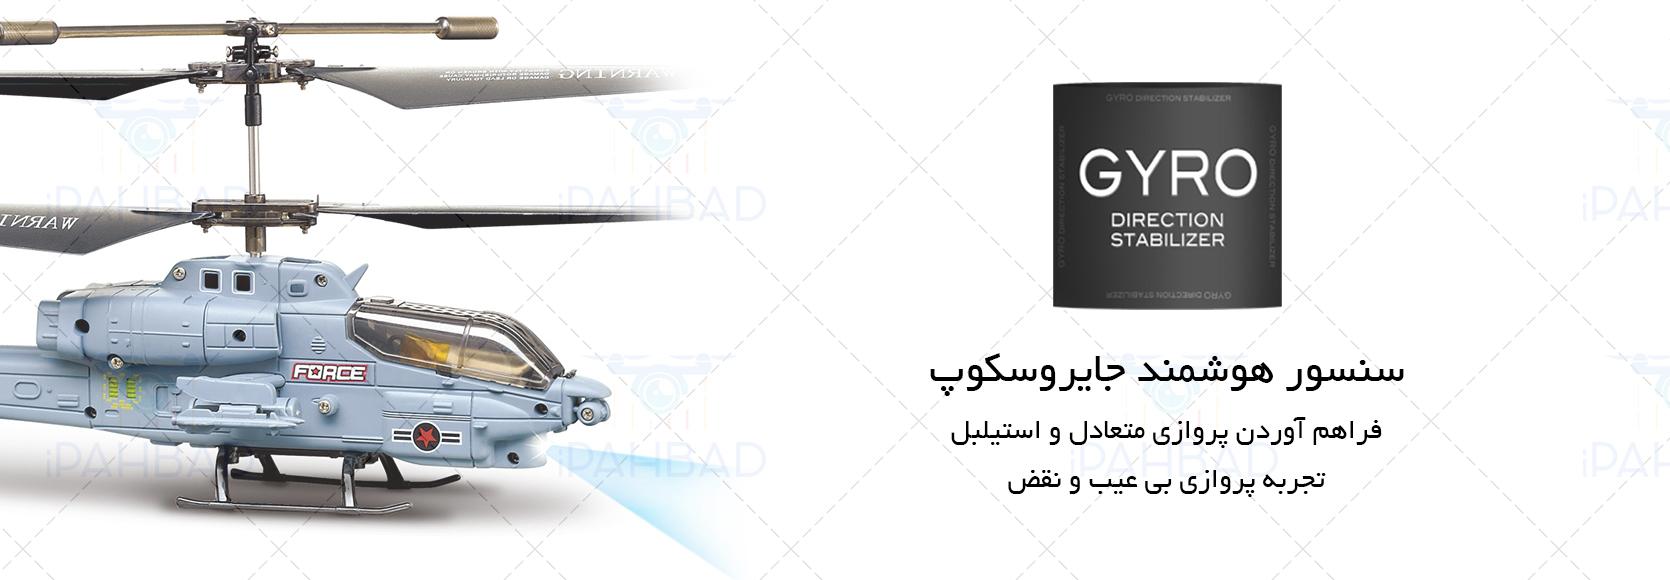 قیمت خرید هلیکوپتر کنترلی سایما Syma S108G از فروشگاه اینترنتی آی پهباد ، خرید هلیکوپتر کنترلی سیما مدل S108G ، قیمت هلیکوپتر کنترلی سایما اس 108 جی ، هلیکوپتر کنترلی سیما اس 108 جی